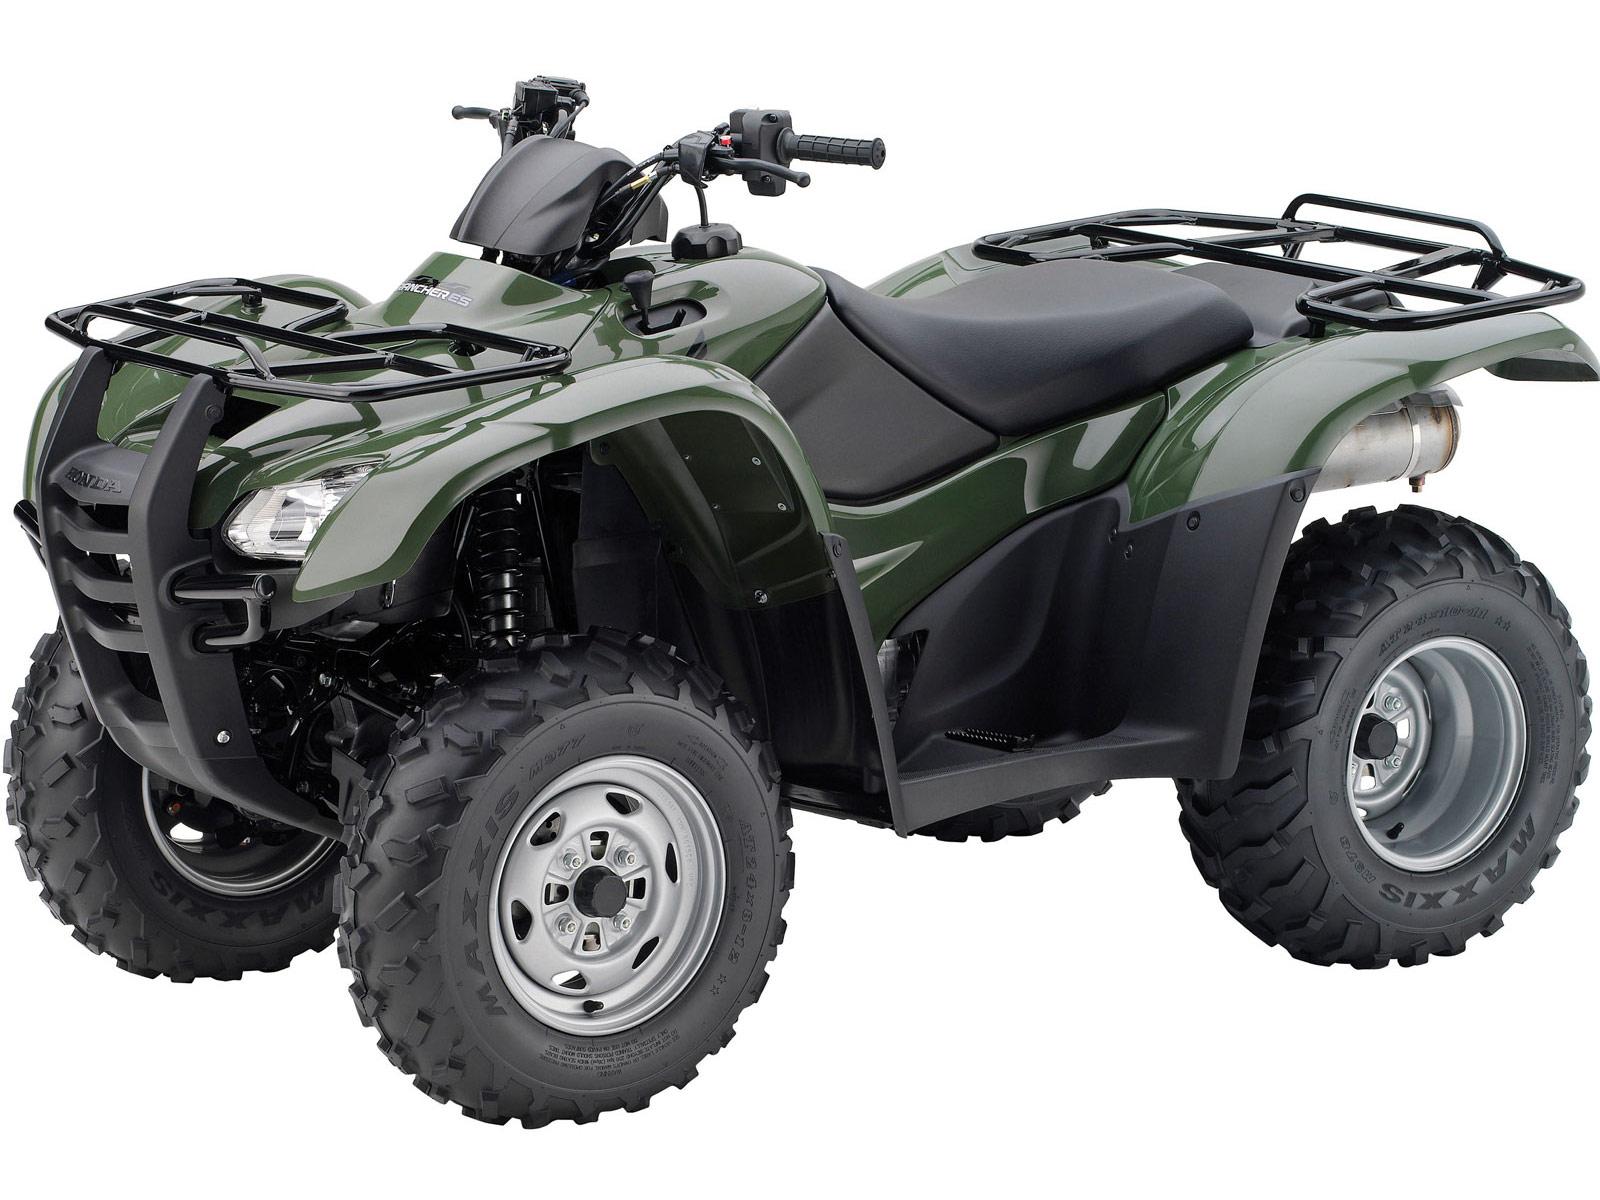 2011 Honda Fourtrax Rancher 4x4 Es Trx420fe